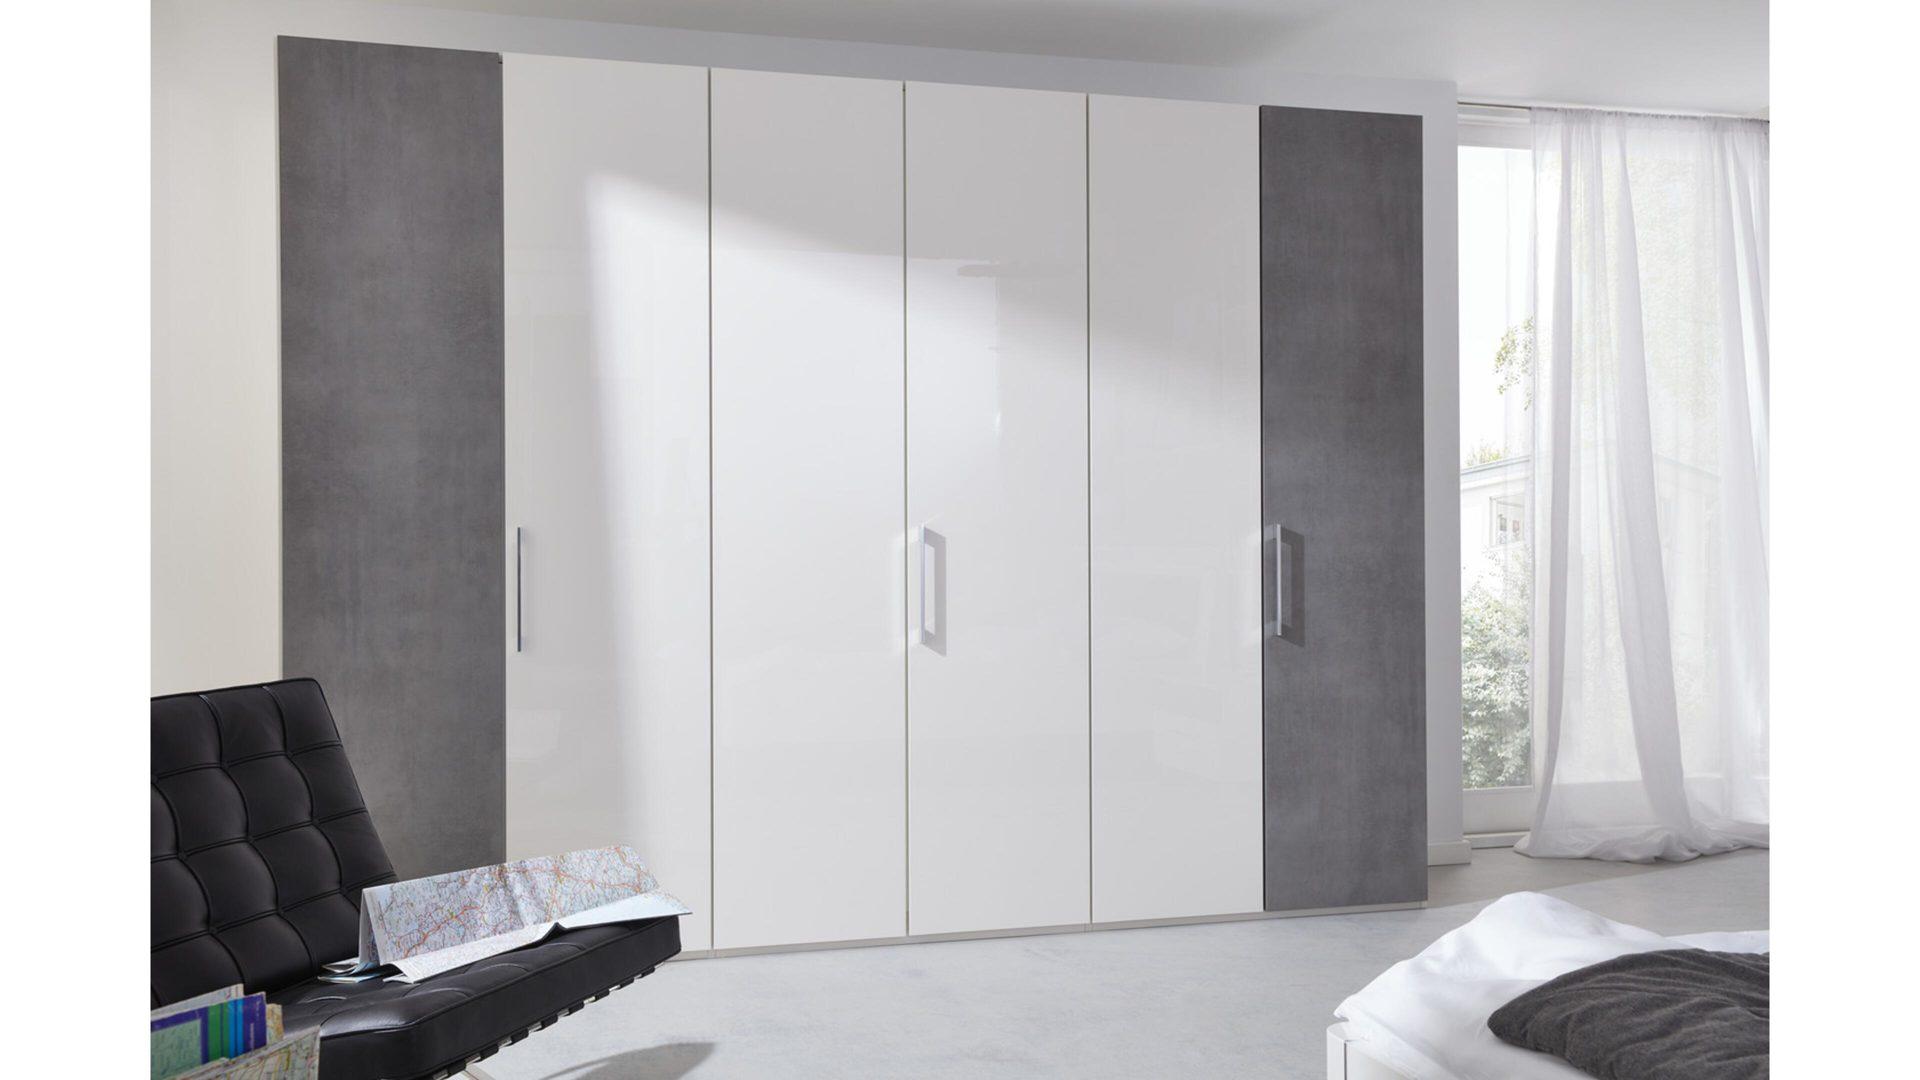 Interliving Schlafzimmer Serie 1003 – Kleiderschrank, Bianco weiße,